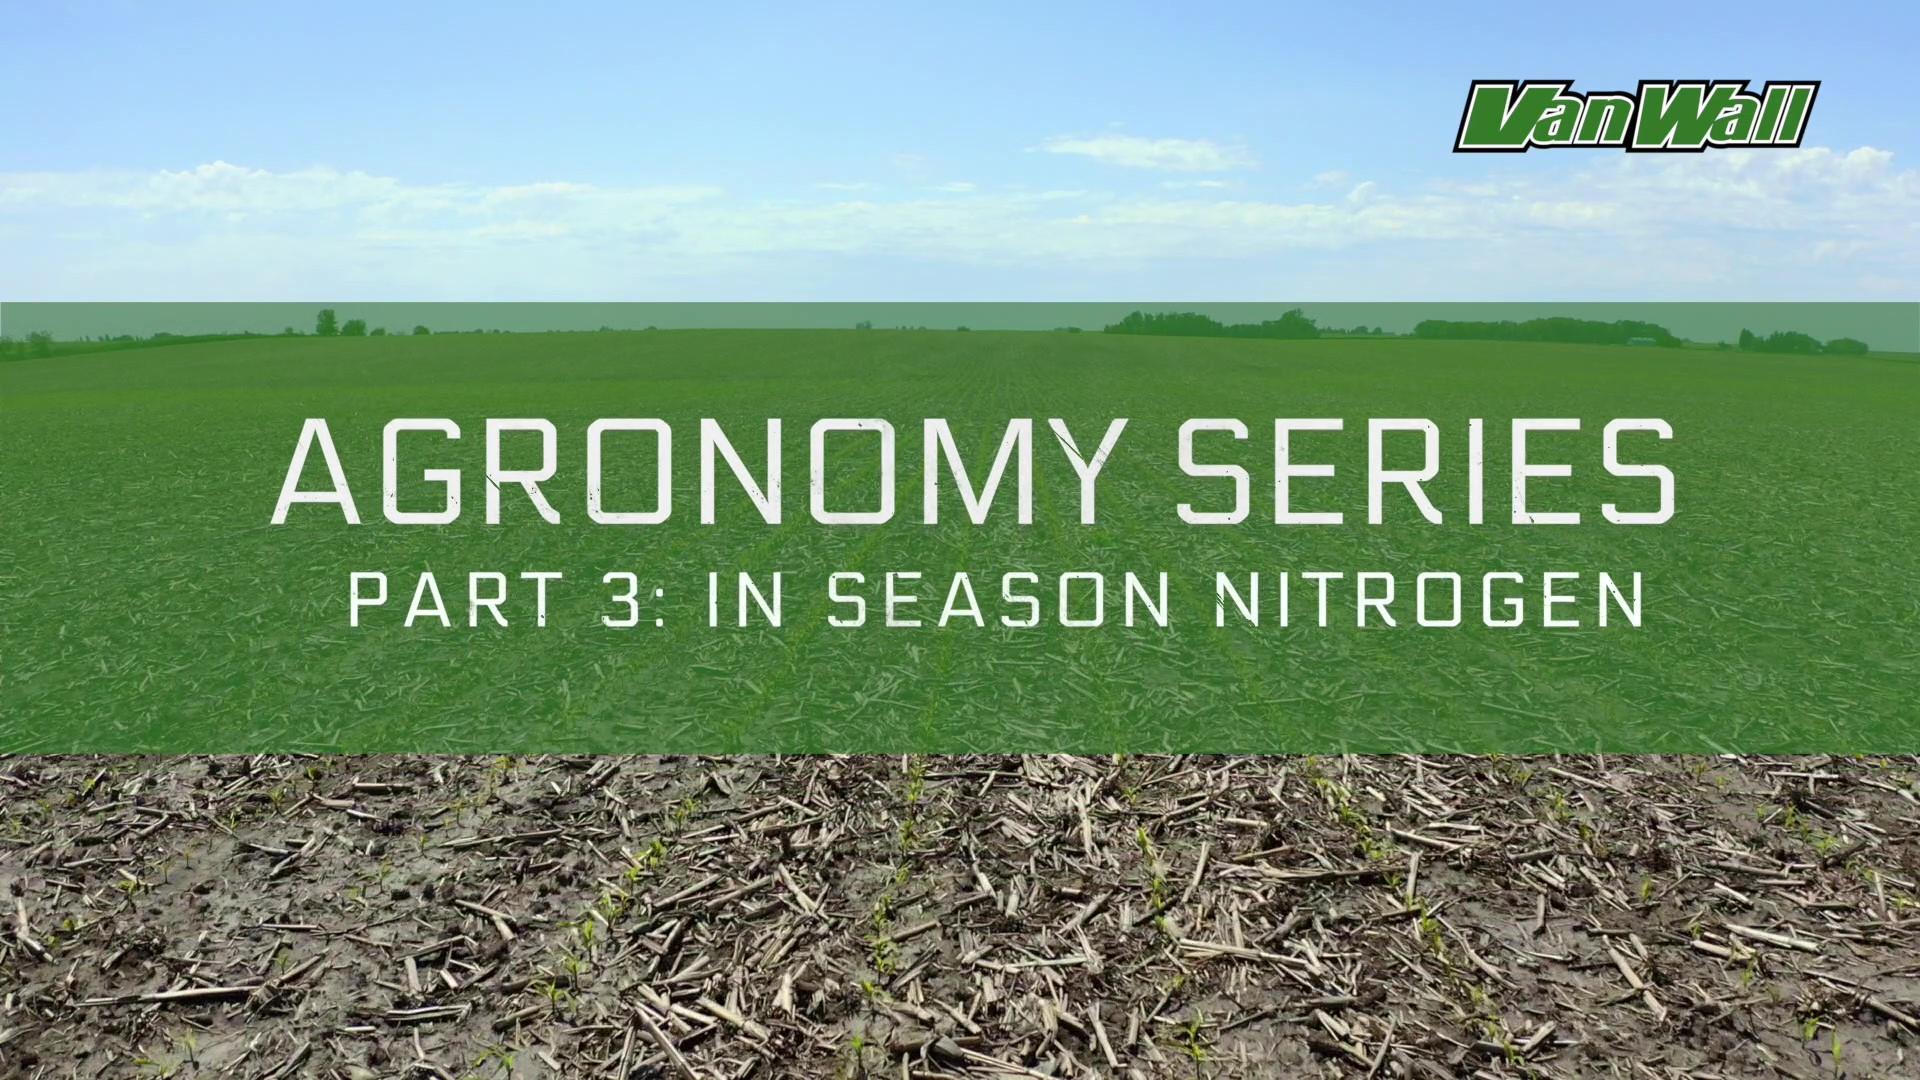 In Season Nitrogen